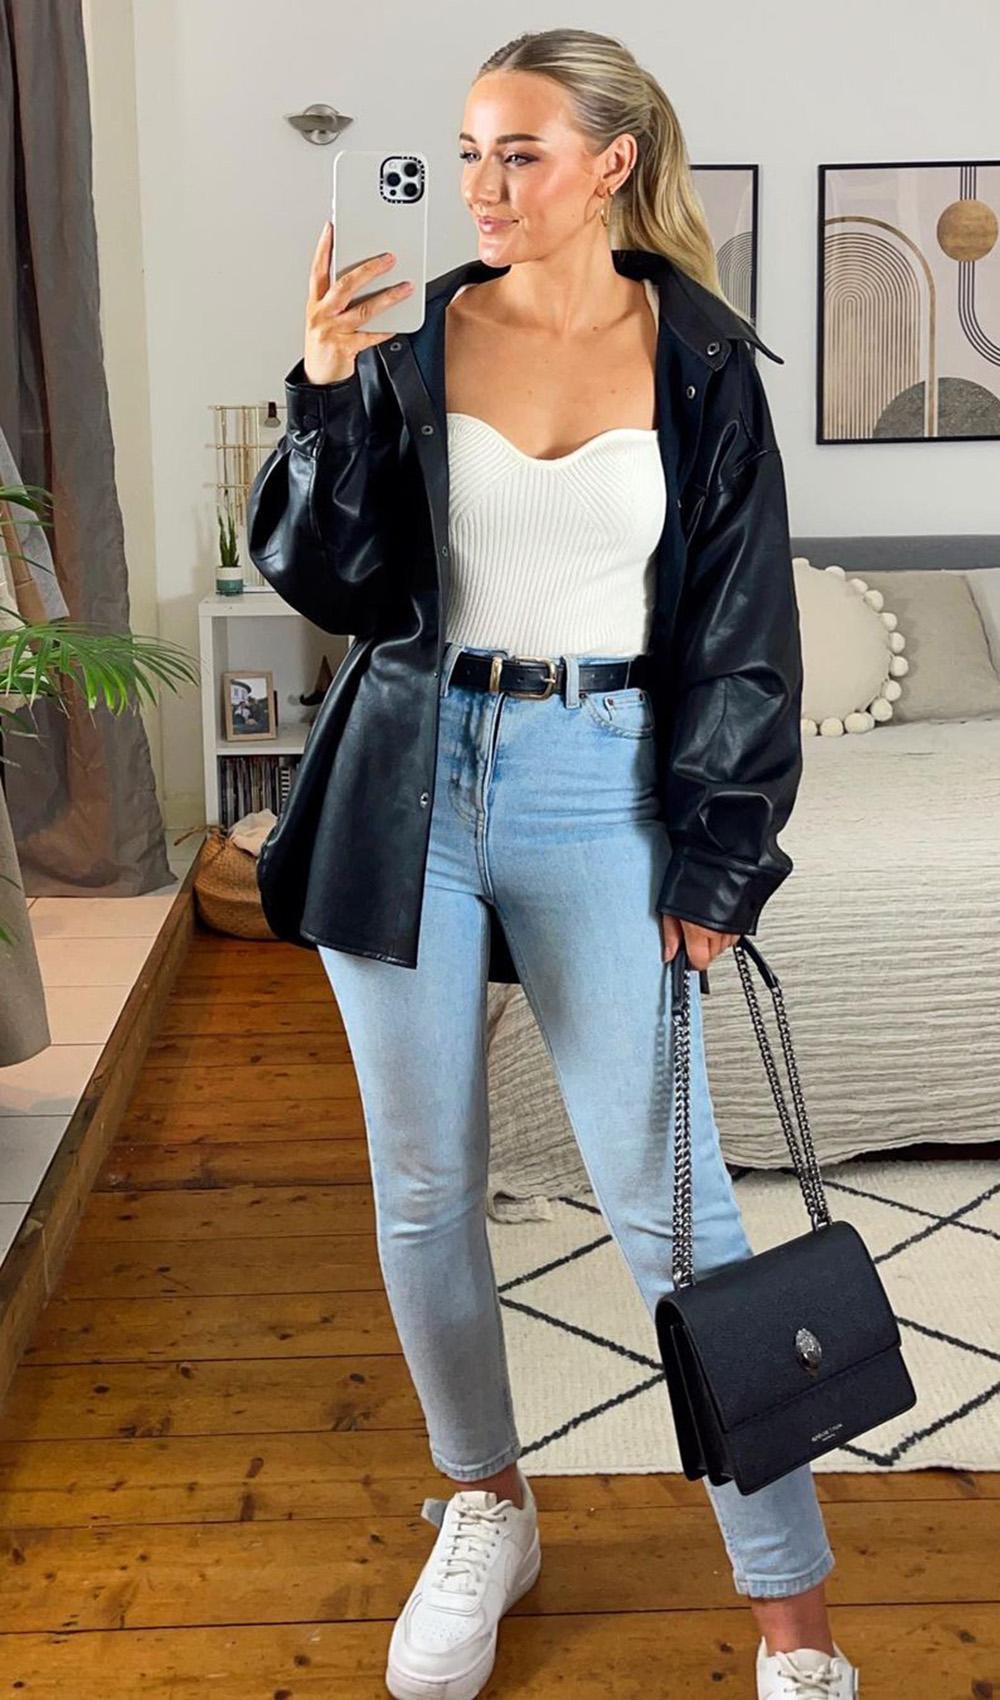 jaqueta de couro, body branco, mom jeans e tênis branco